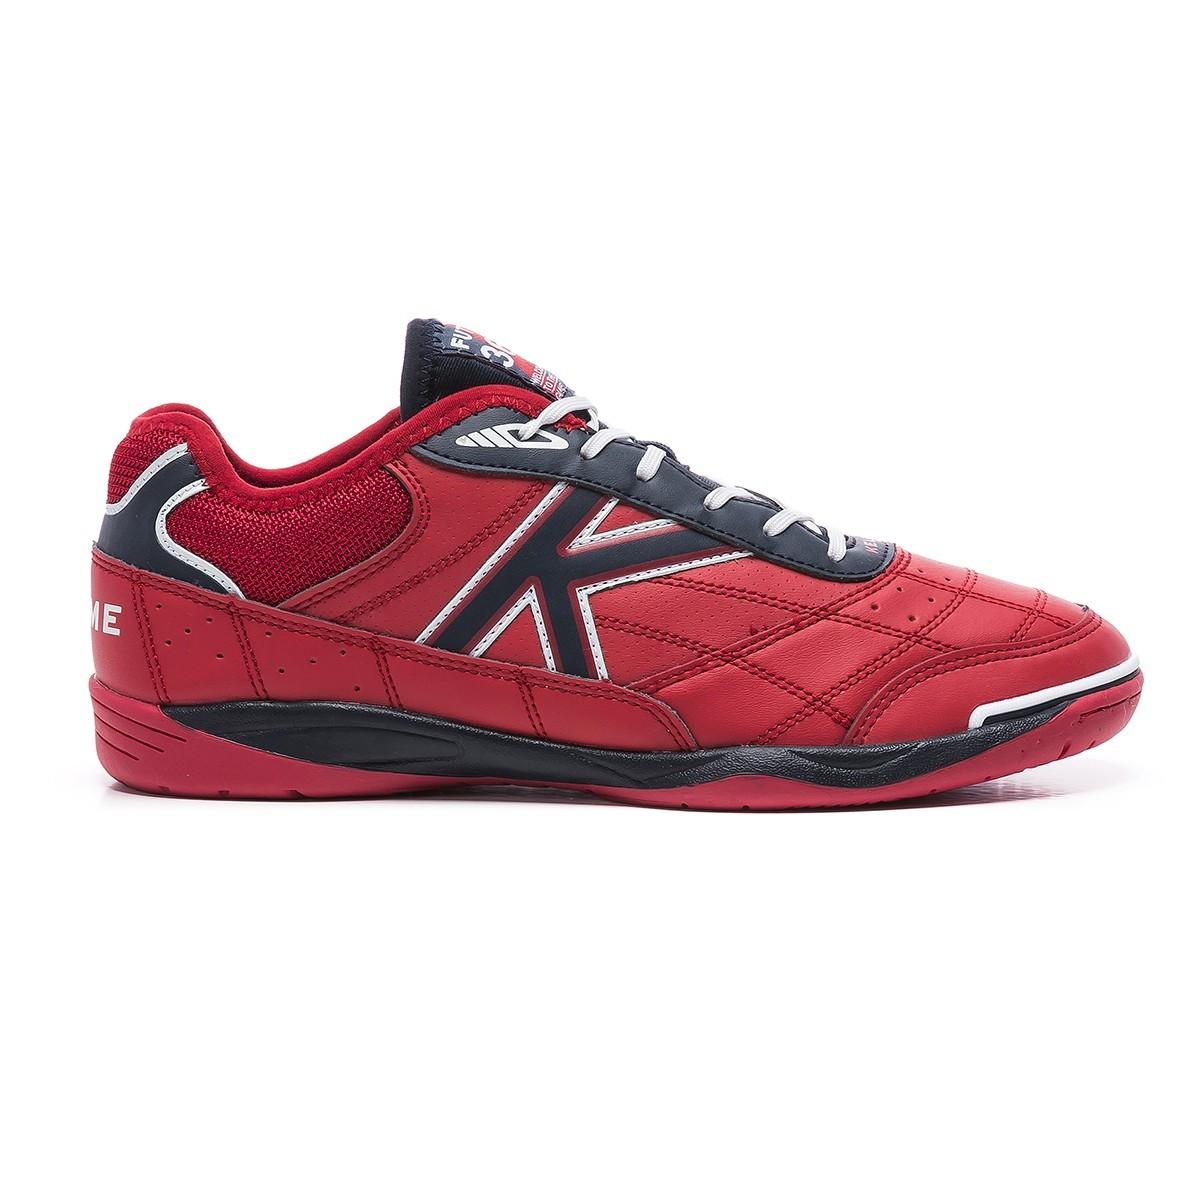 Kelme – chaussures de football en cuir synthétique, chaussures de salle unisexes, boutique officielle Goleiro rouge, fabriquées en 100%, 55905 – 863, automne-hiver 20 1